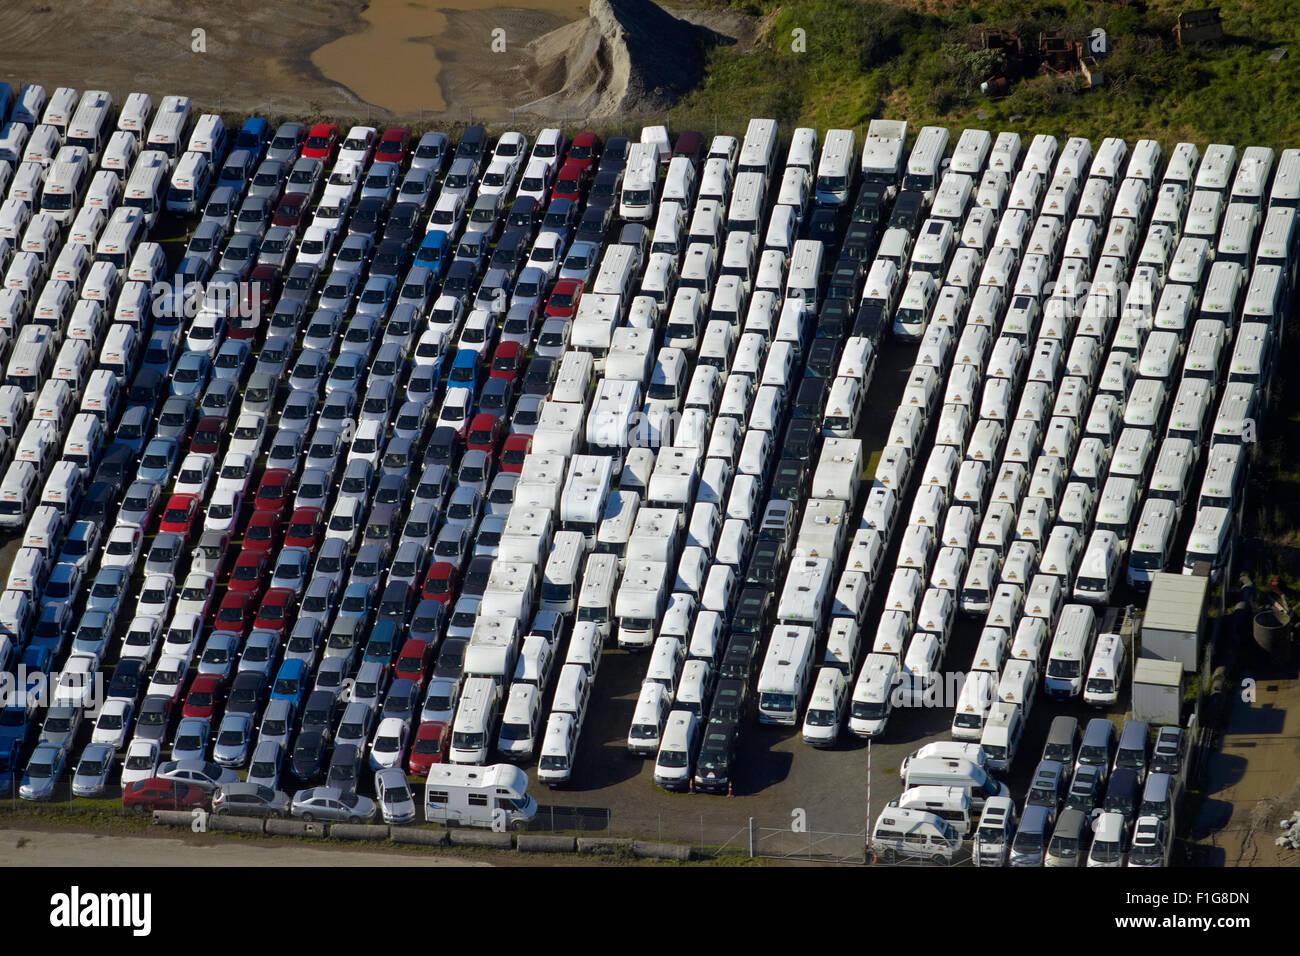 Los vehículos de alquiler, el aeropuerto de Auckland, North Island, Nueva Zelanda - antena Imagen De Stock